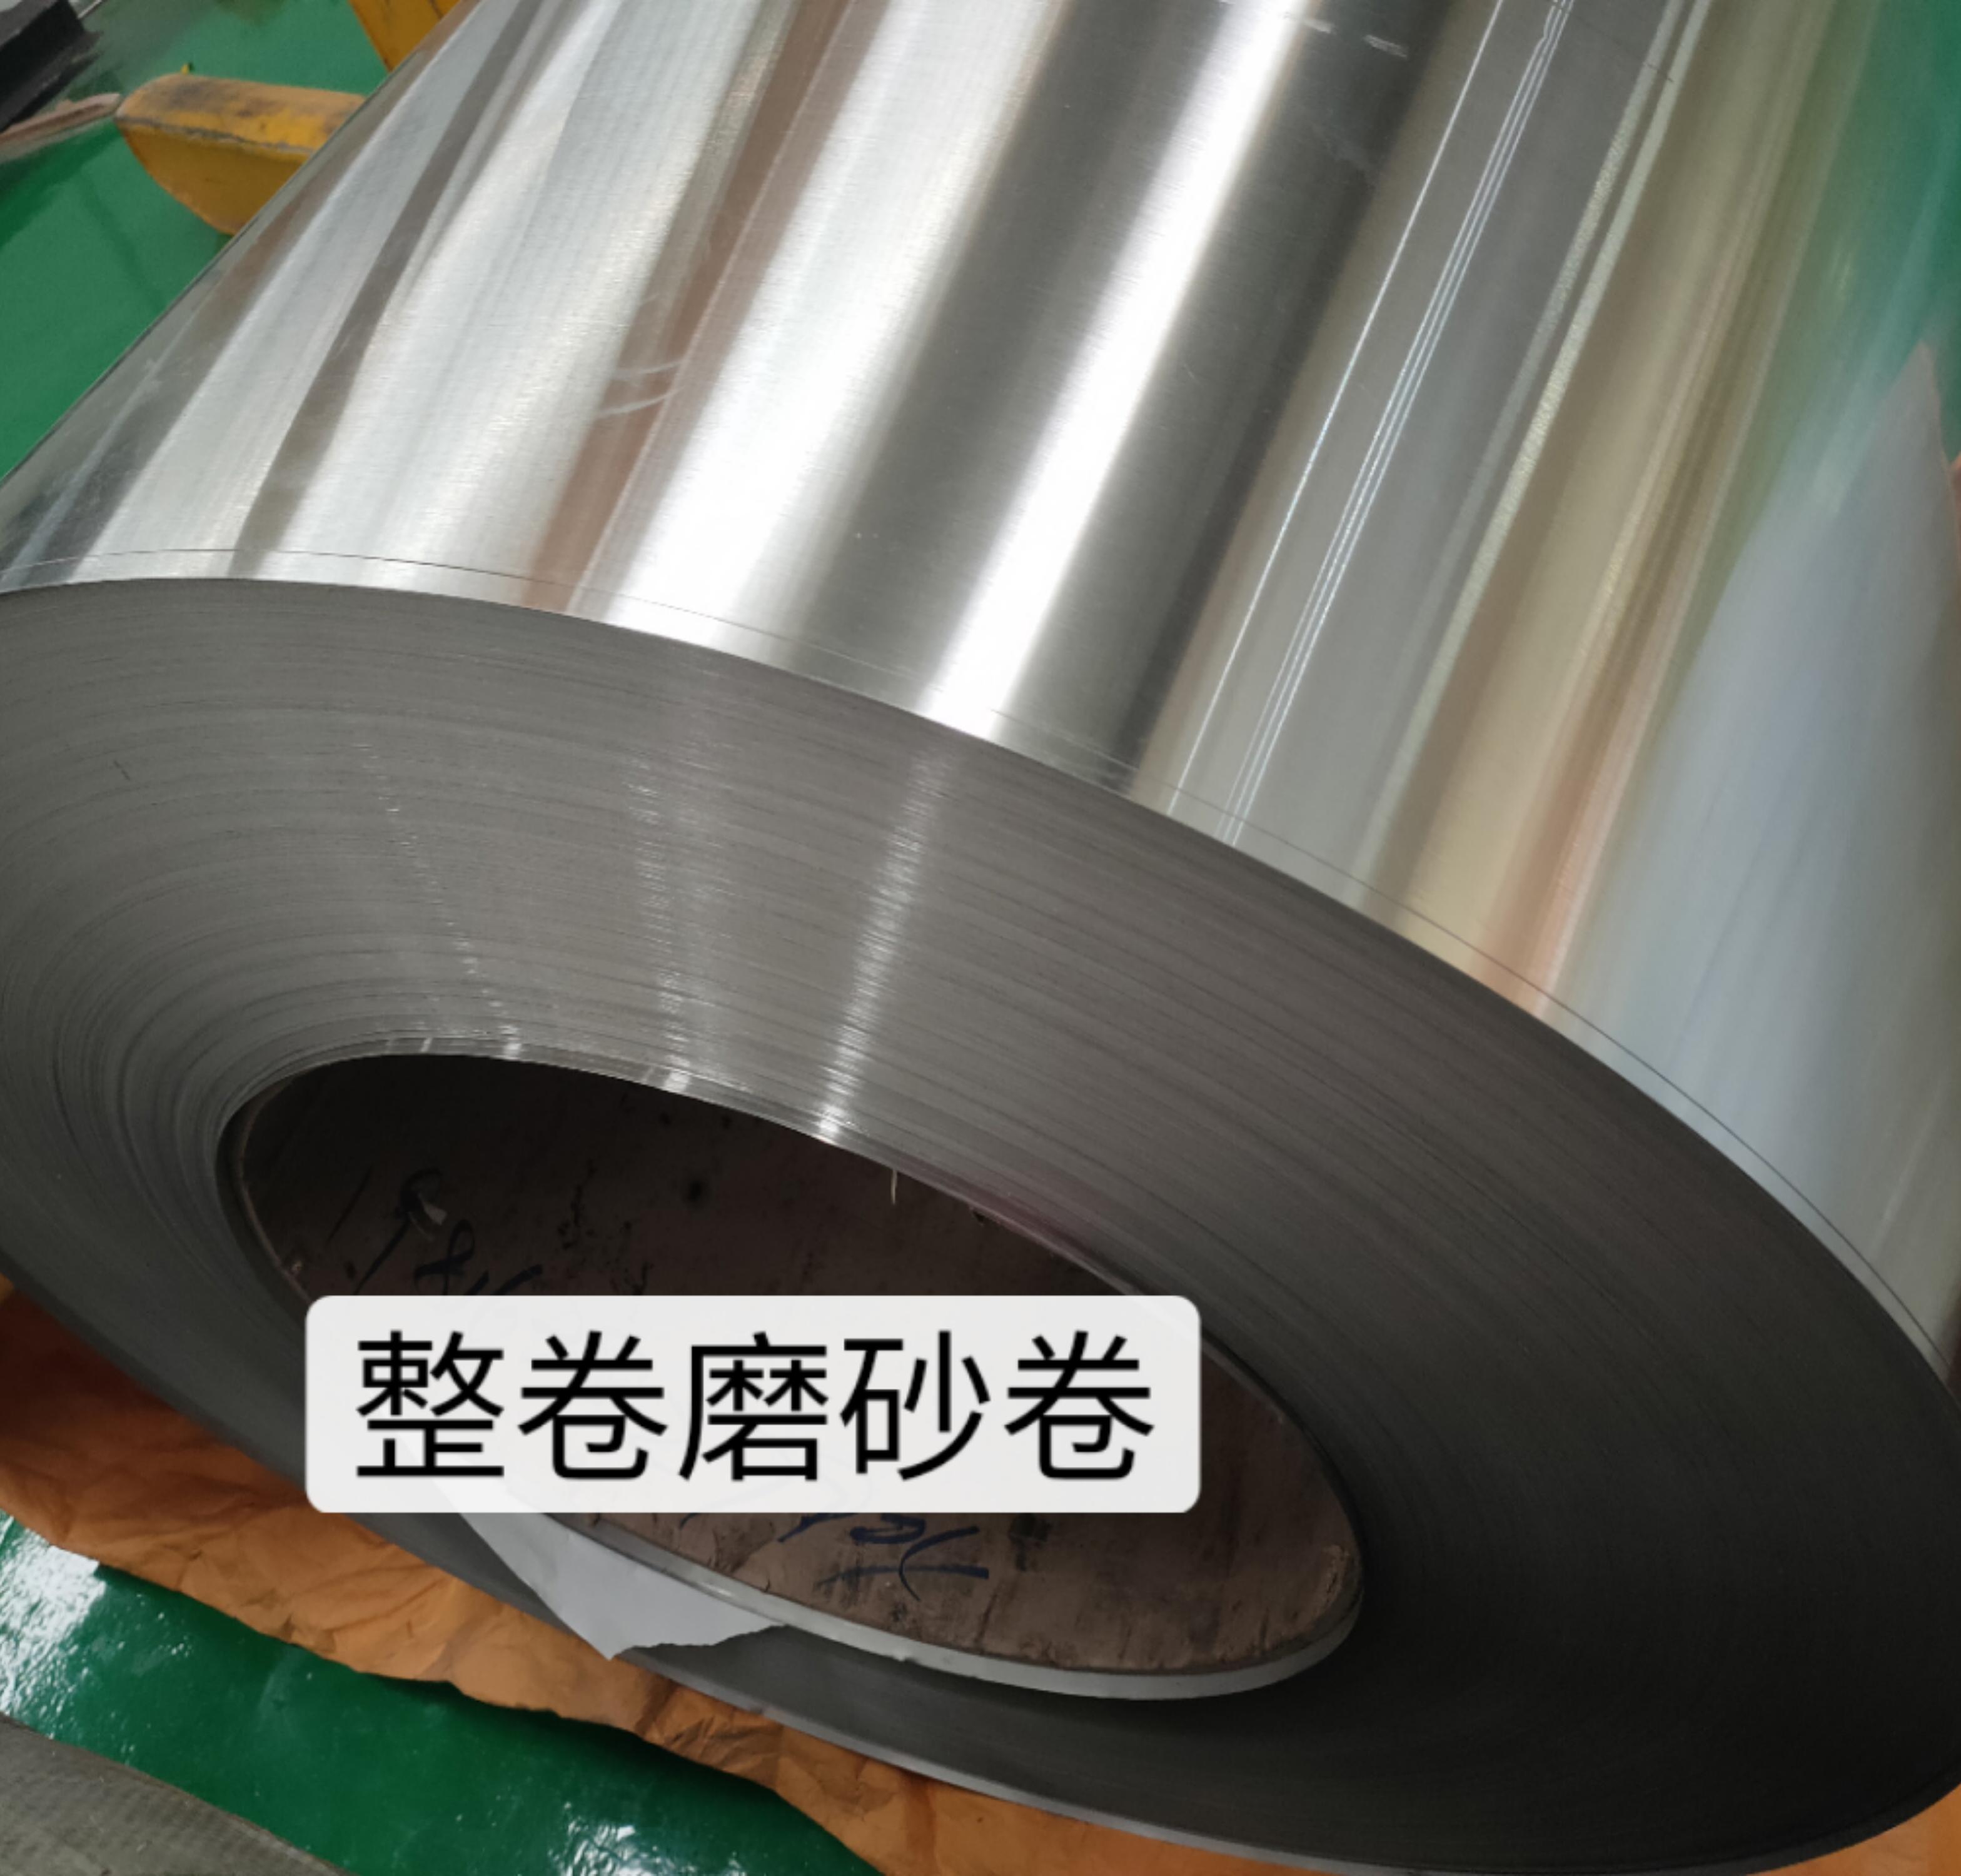 不锈钢板连铸板坯表面裂纹产生的原因及改进...